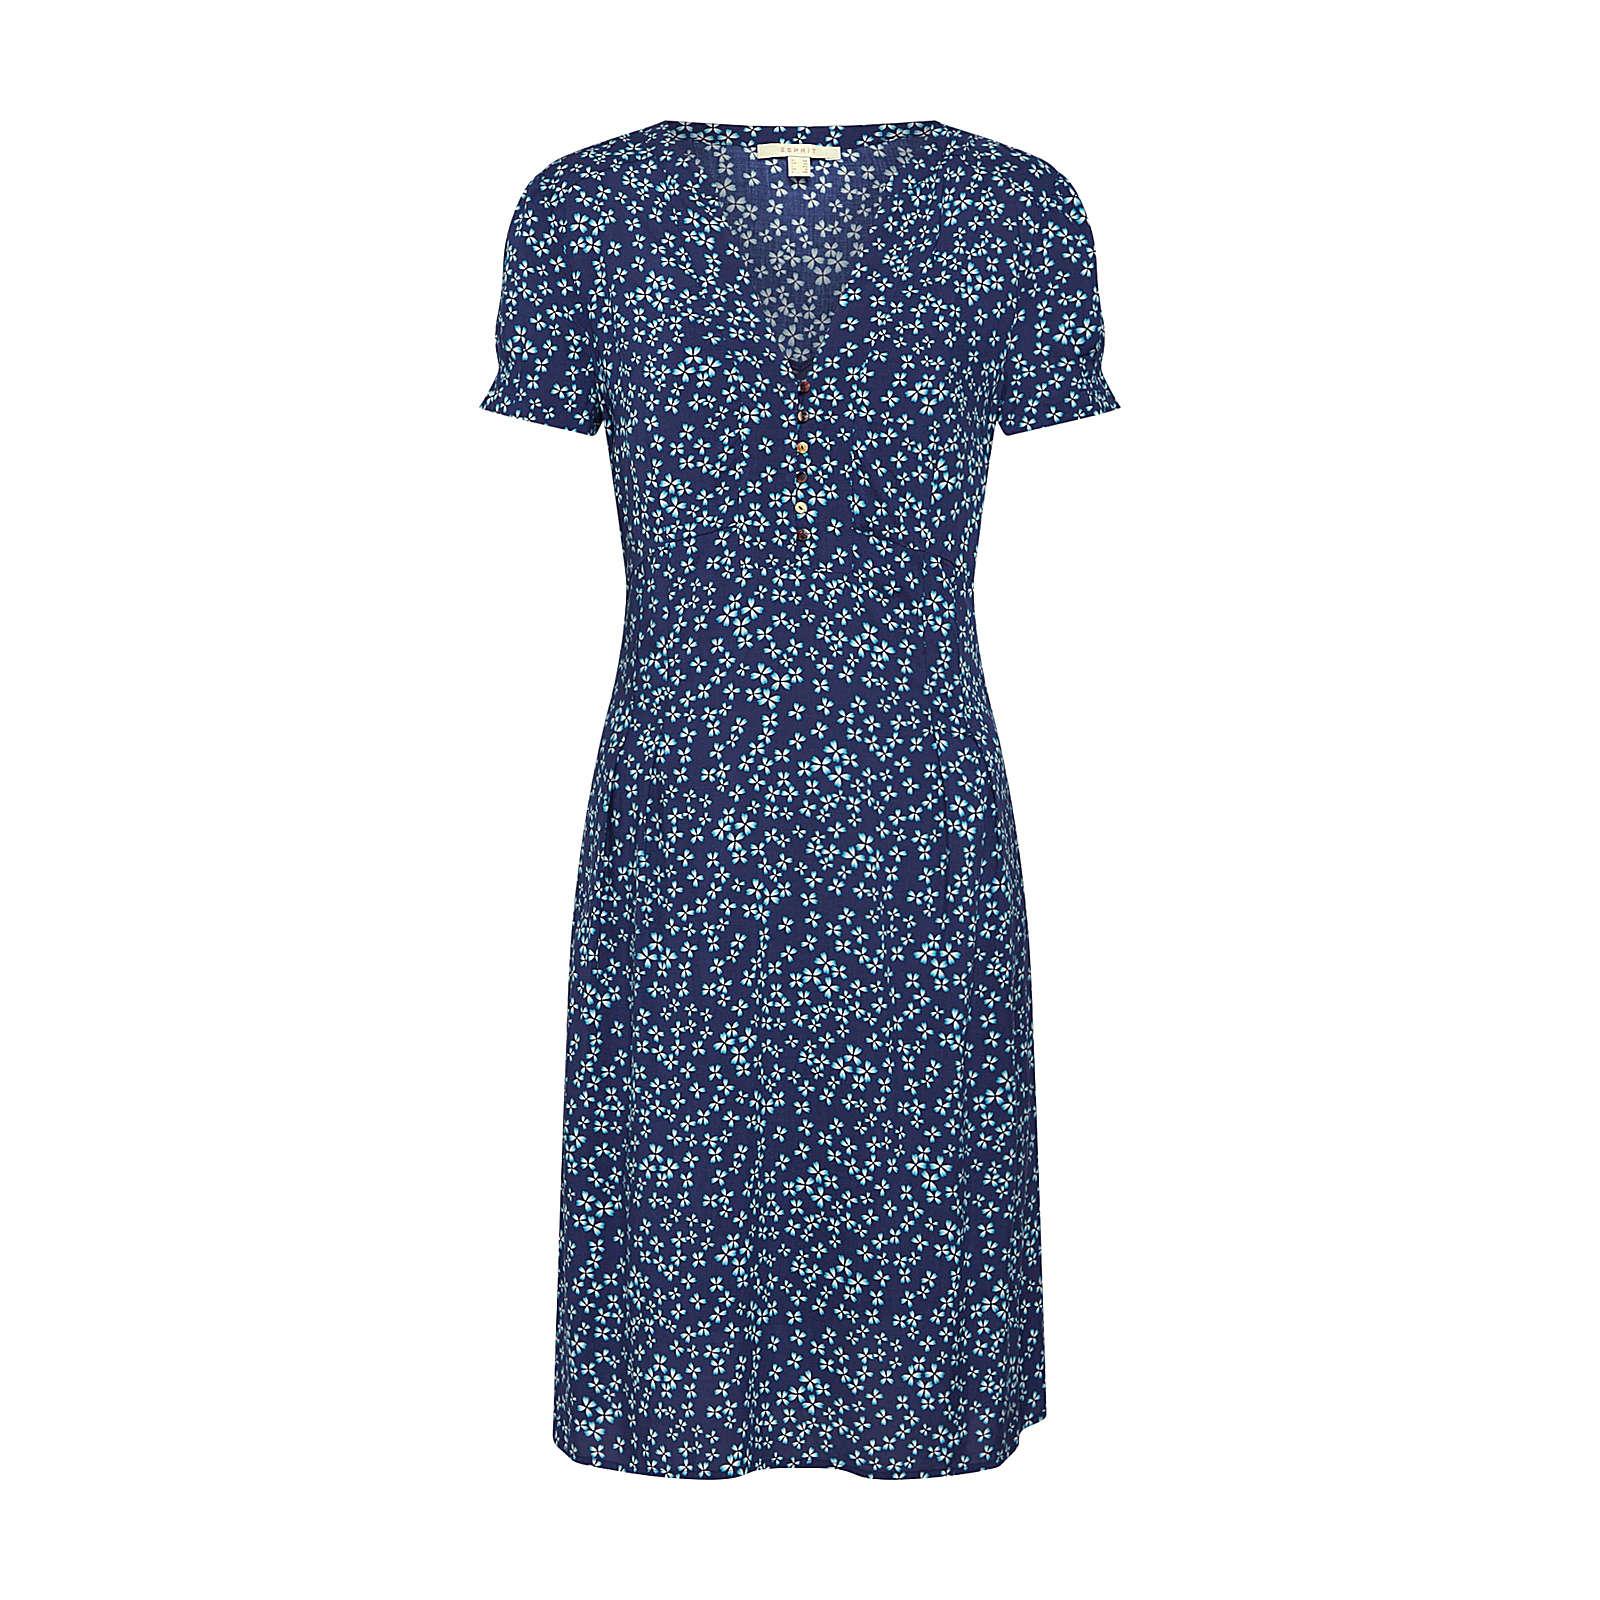 ESPRIT Sommerkleid Sommerkleider blau Damen Gr. 38